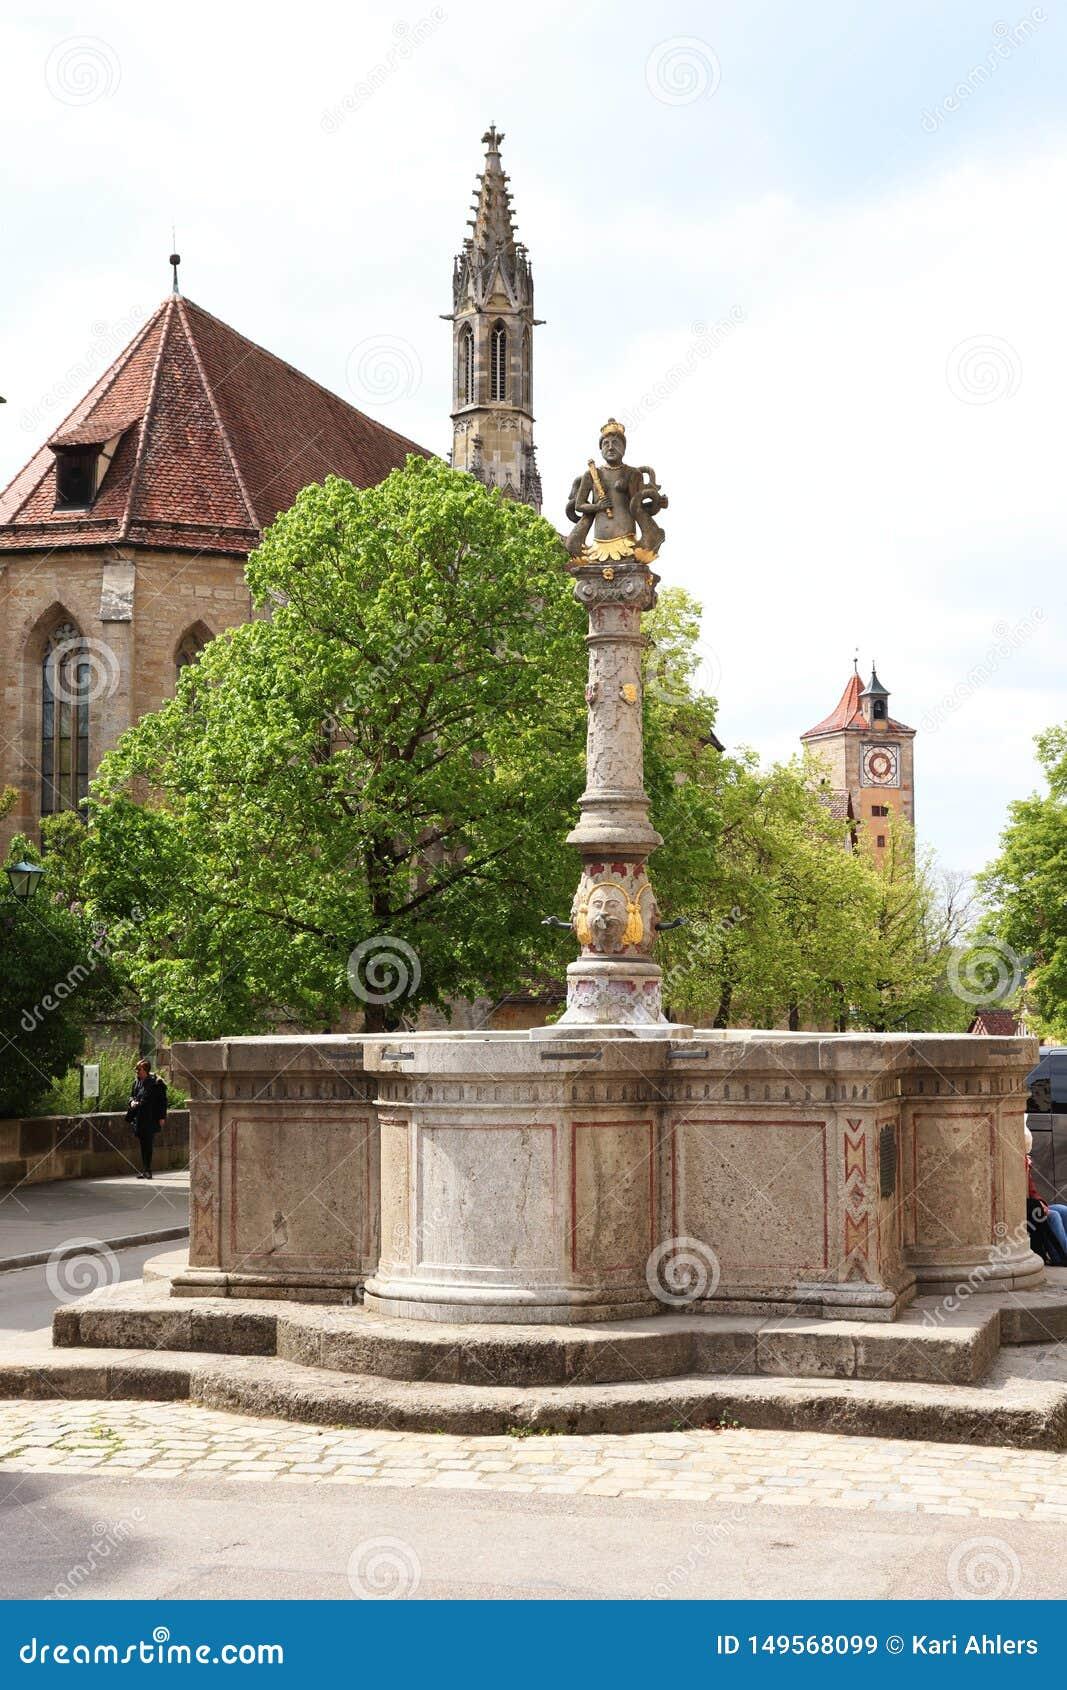 Άγαλμα, εκκλησία και πύργος σε Rothenburg ob der Tauber, Γερμανία